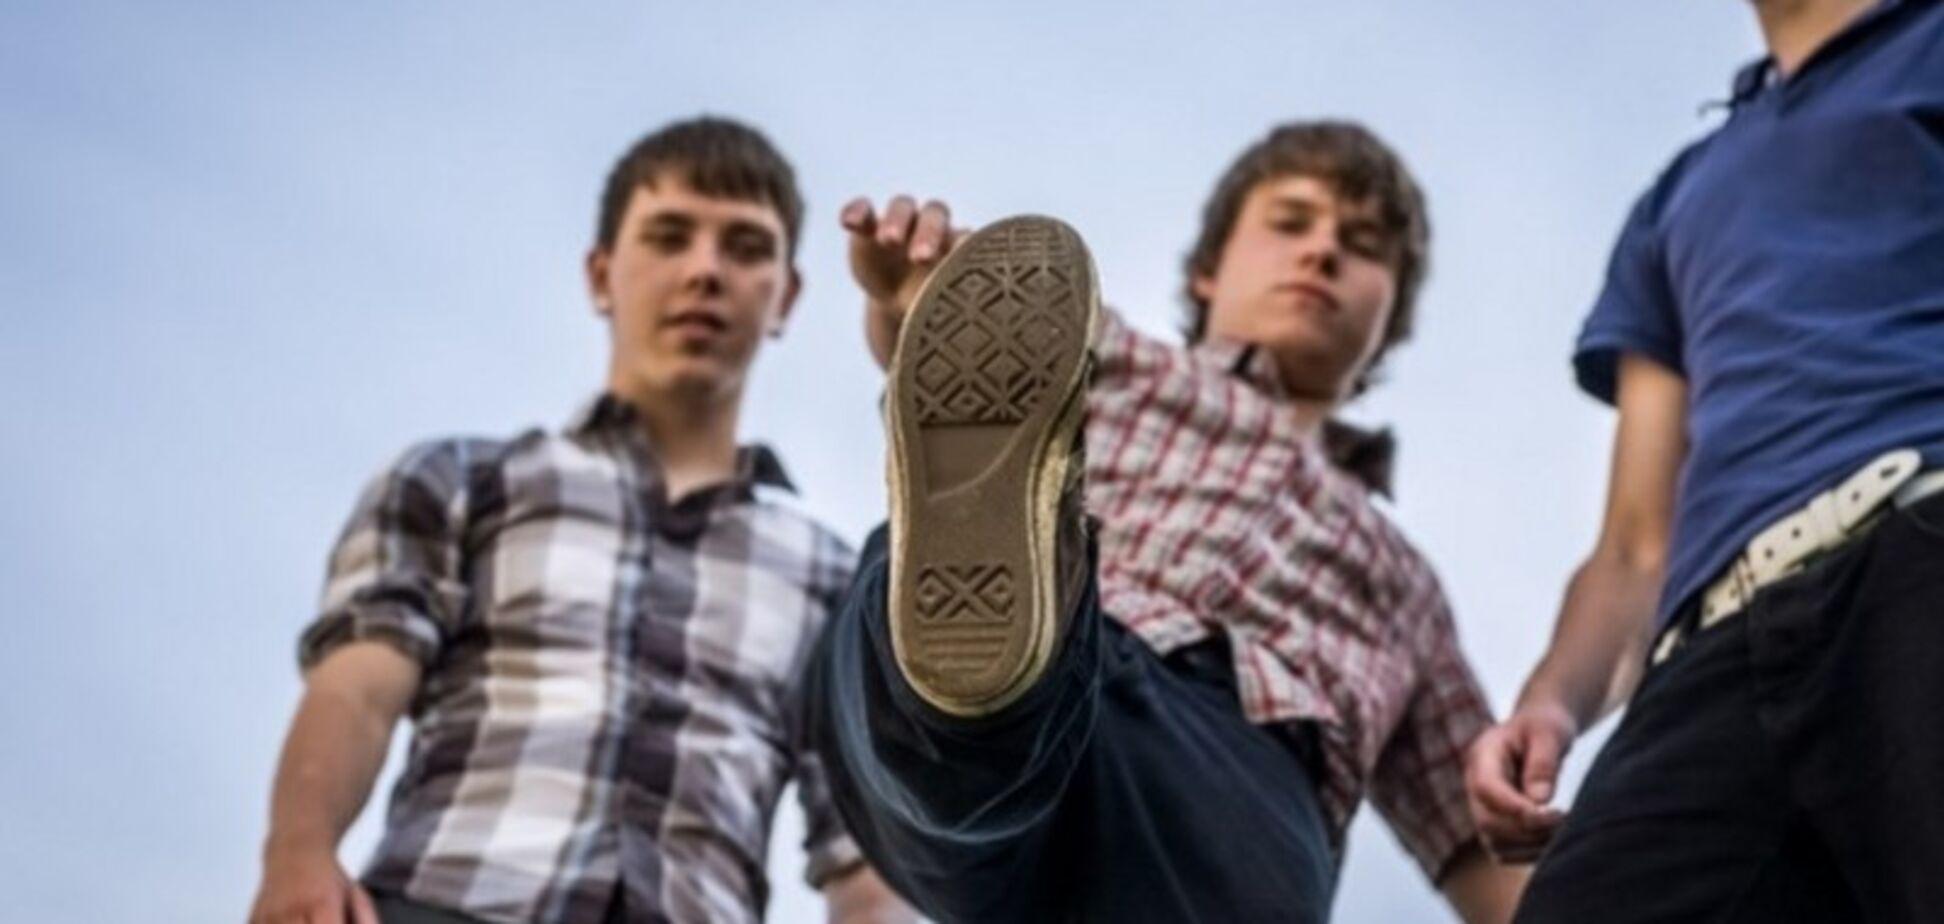 Подростковые 'бои без правил': стало известно о жестоком наказании детей